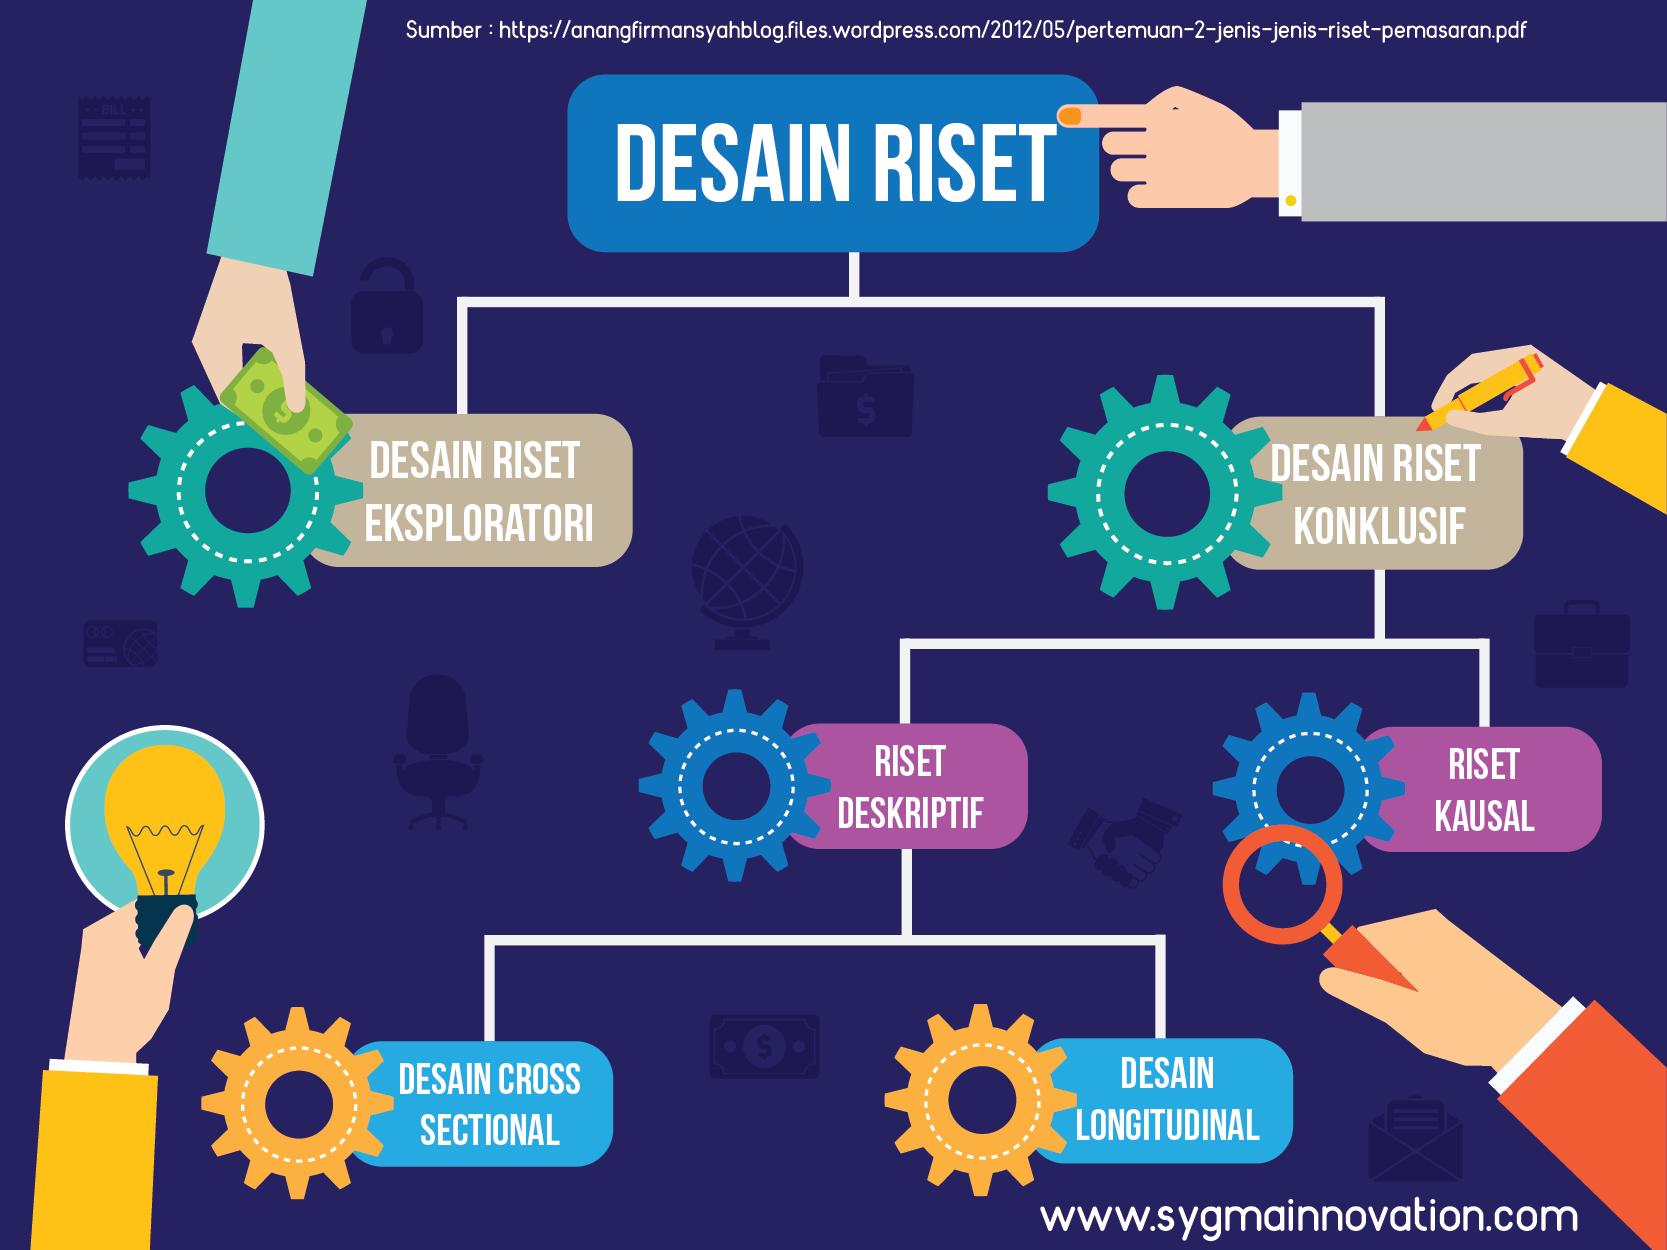 Bagan klasifikasi desain riset pemasaran